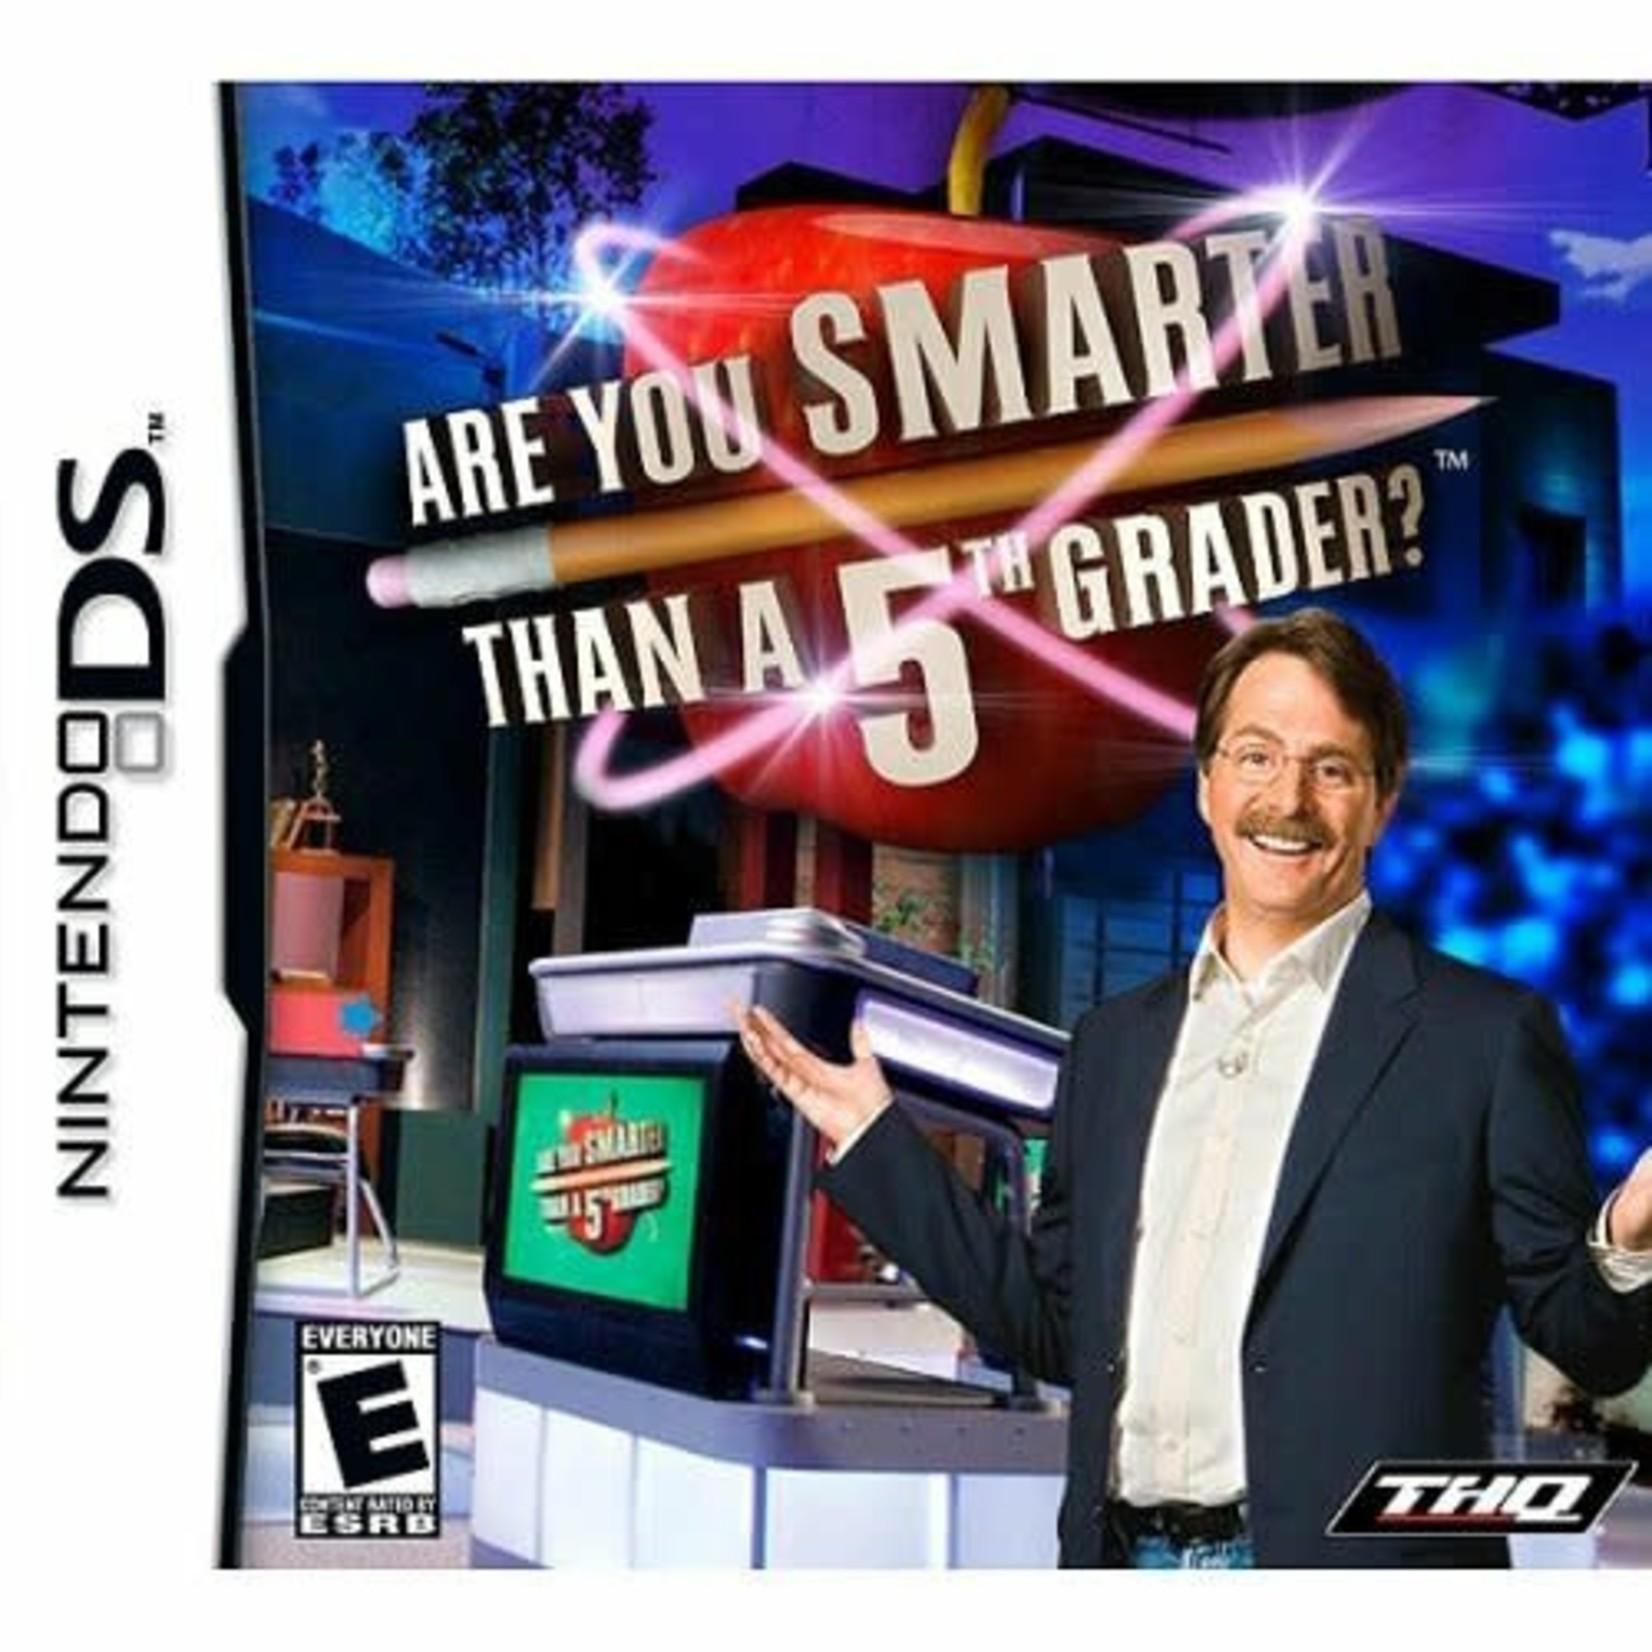 DSU-ARE YOU SMARTER THAN A 5TH GRADE